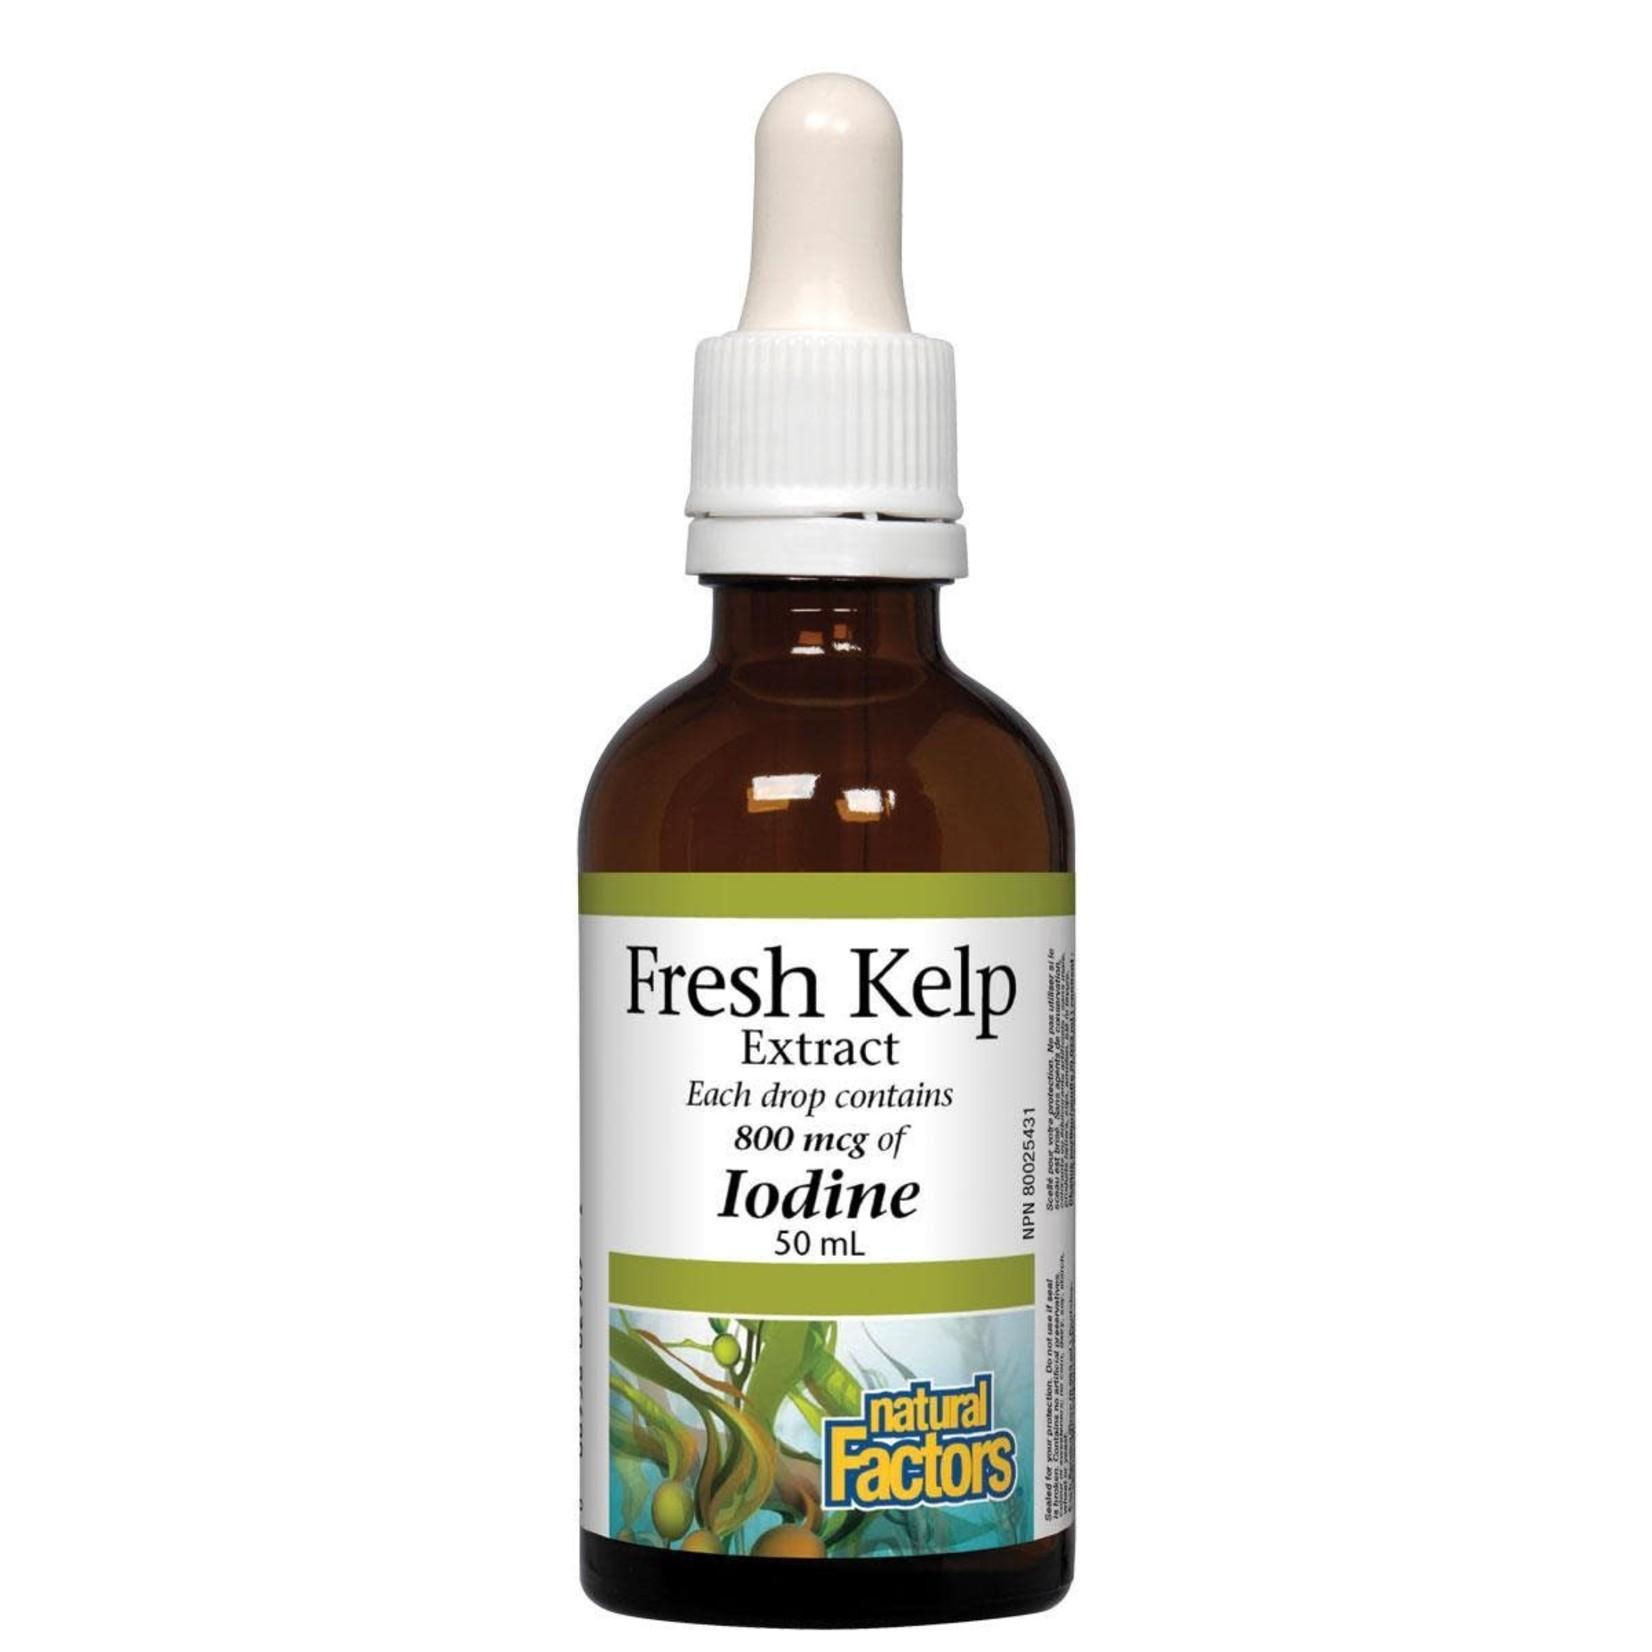 Natural Factors Natural Factors Fresh Kelp Extract 50ml